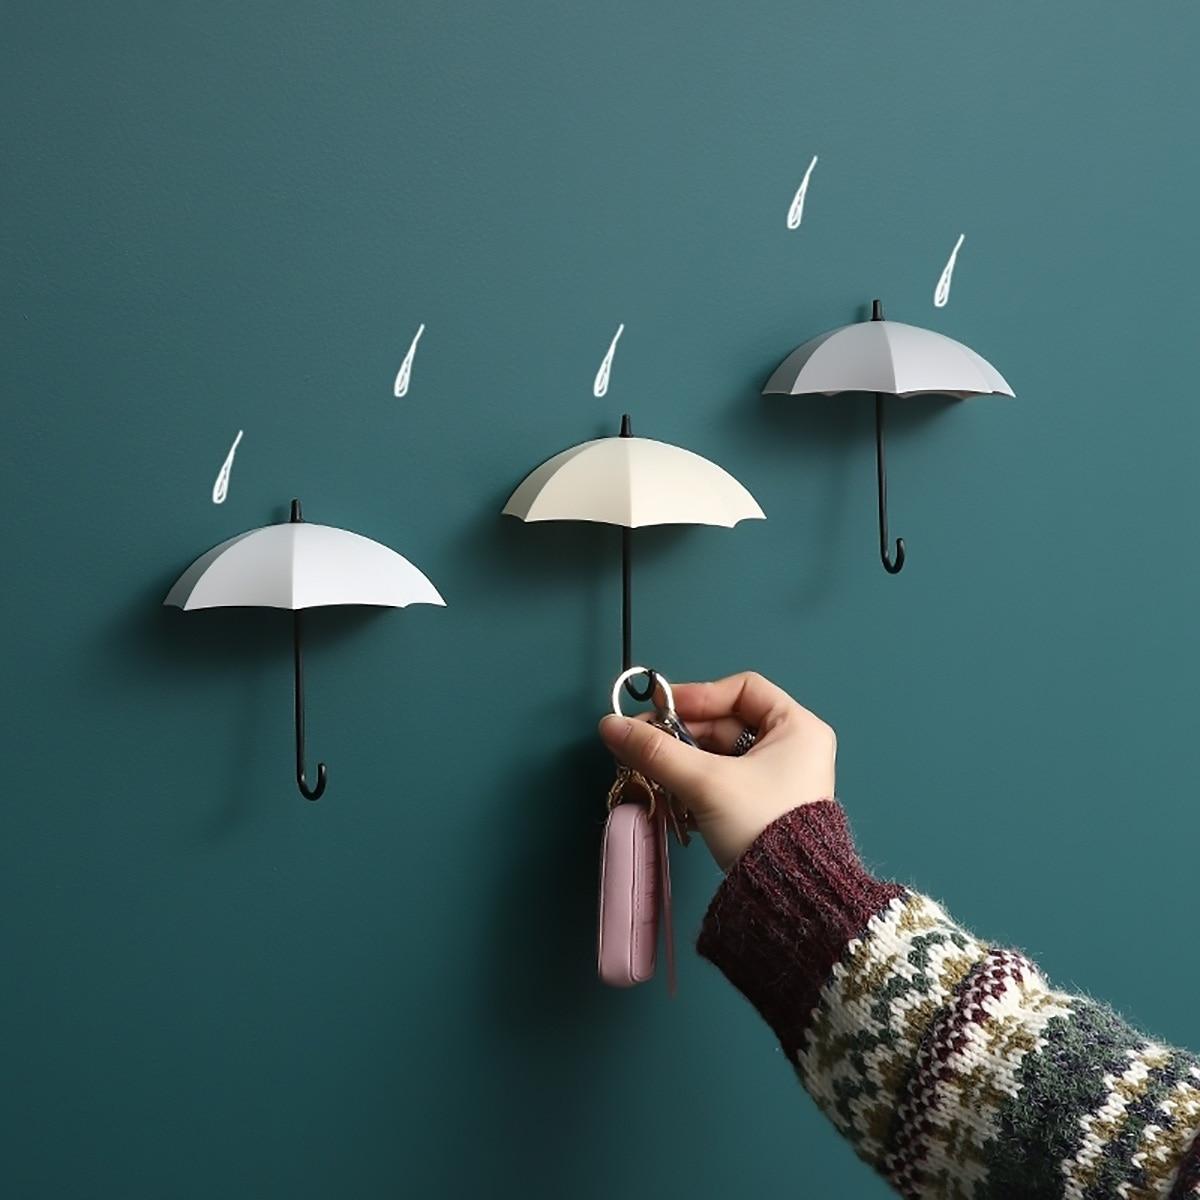 3 uds gancho de almacenamiento en forma creativa ganchos de pared simples decorativo pequeño hogar Decoración de pared gancho clave colgador para pinzas del pelo